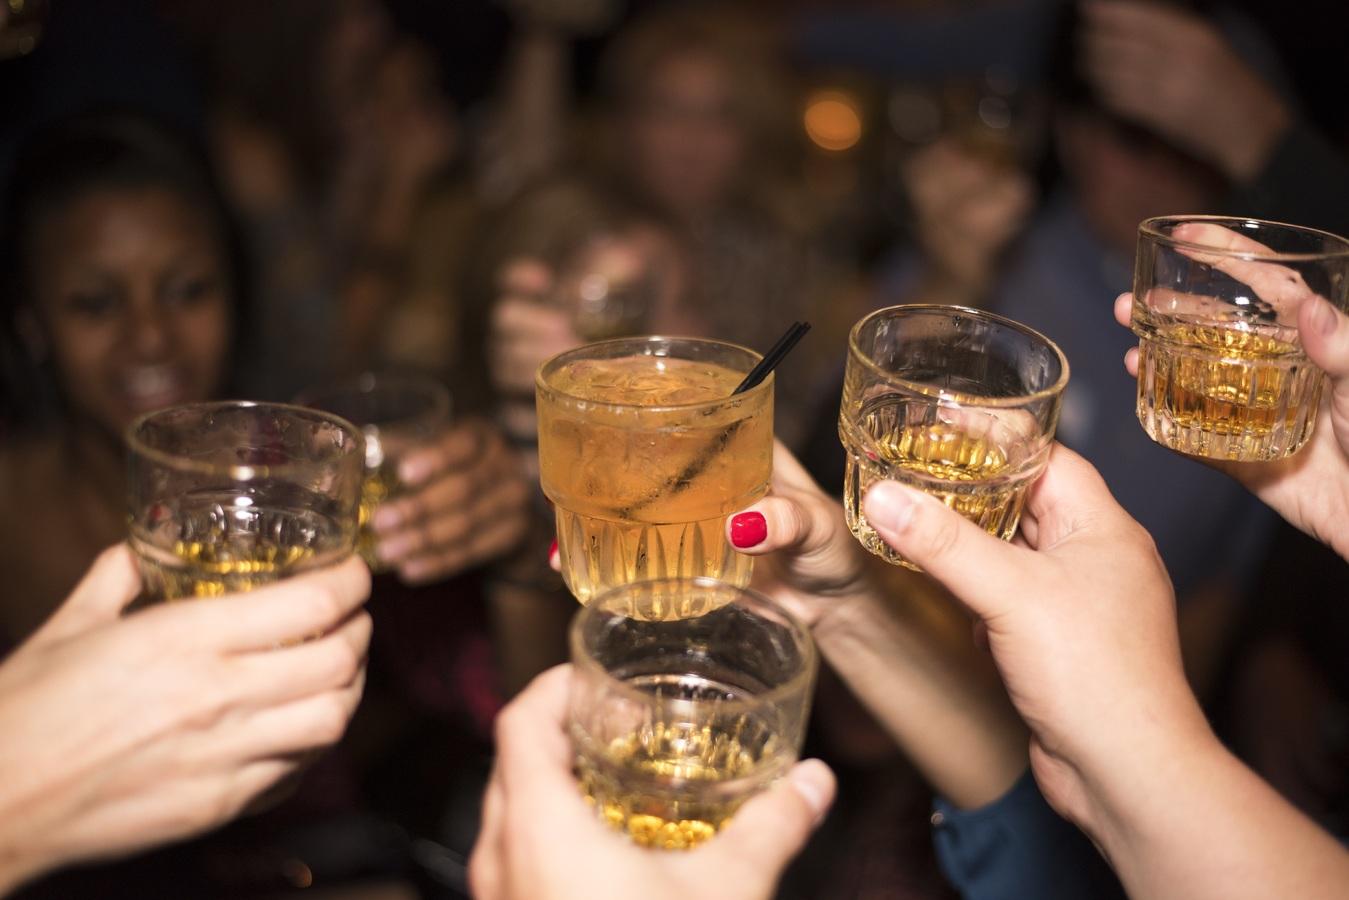 El consumo de alcohol en España, el más bajo desde 1995